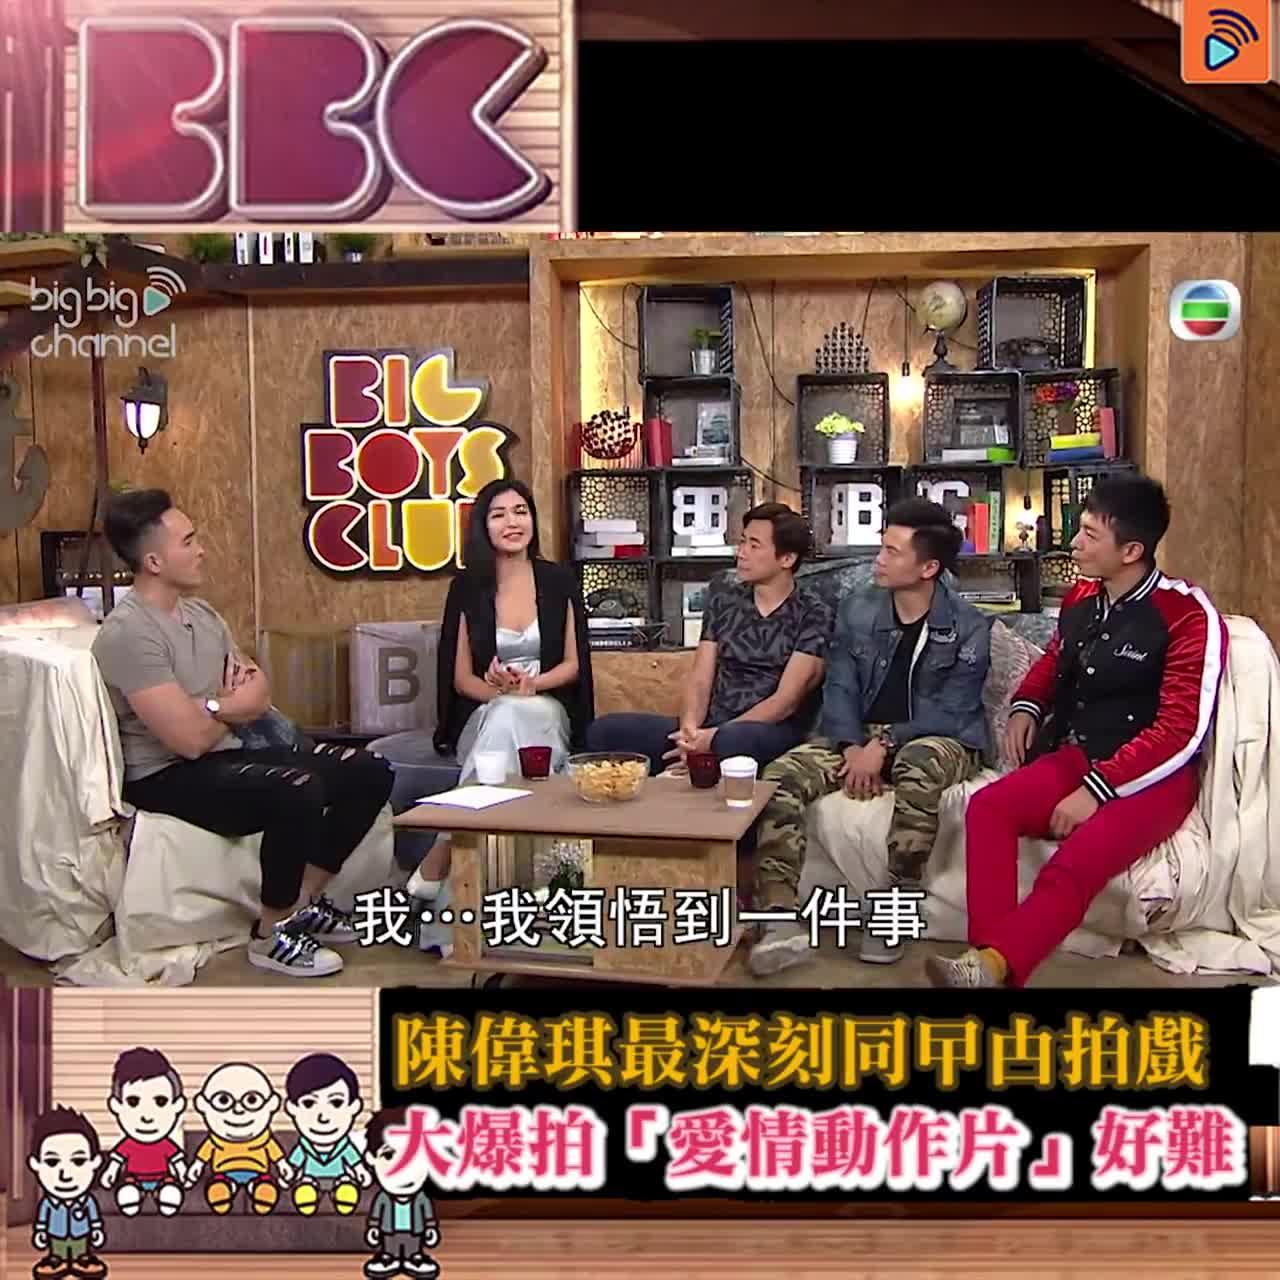 陳偉琪最深刻同曱甴拍戲 大爆拍「愛情動作片」好難